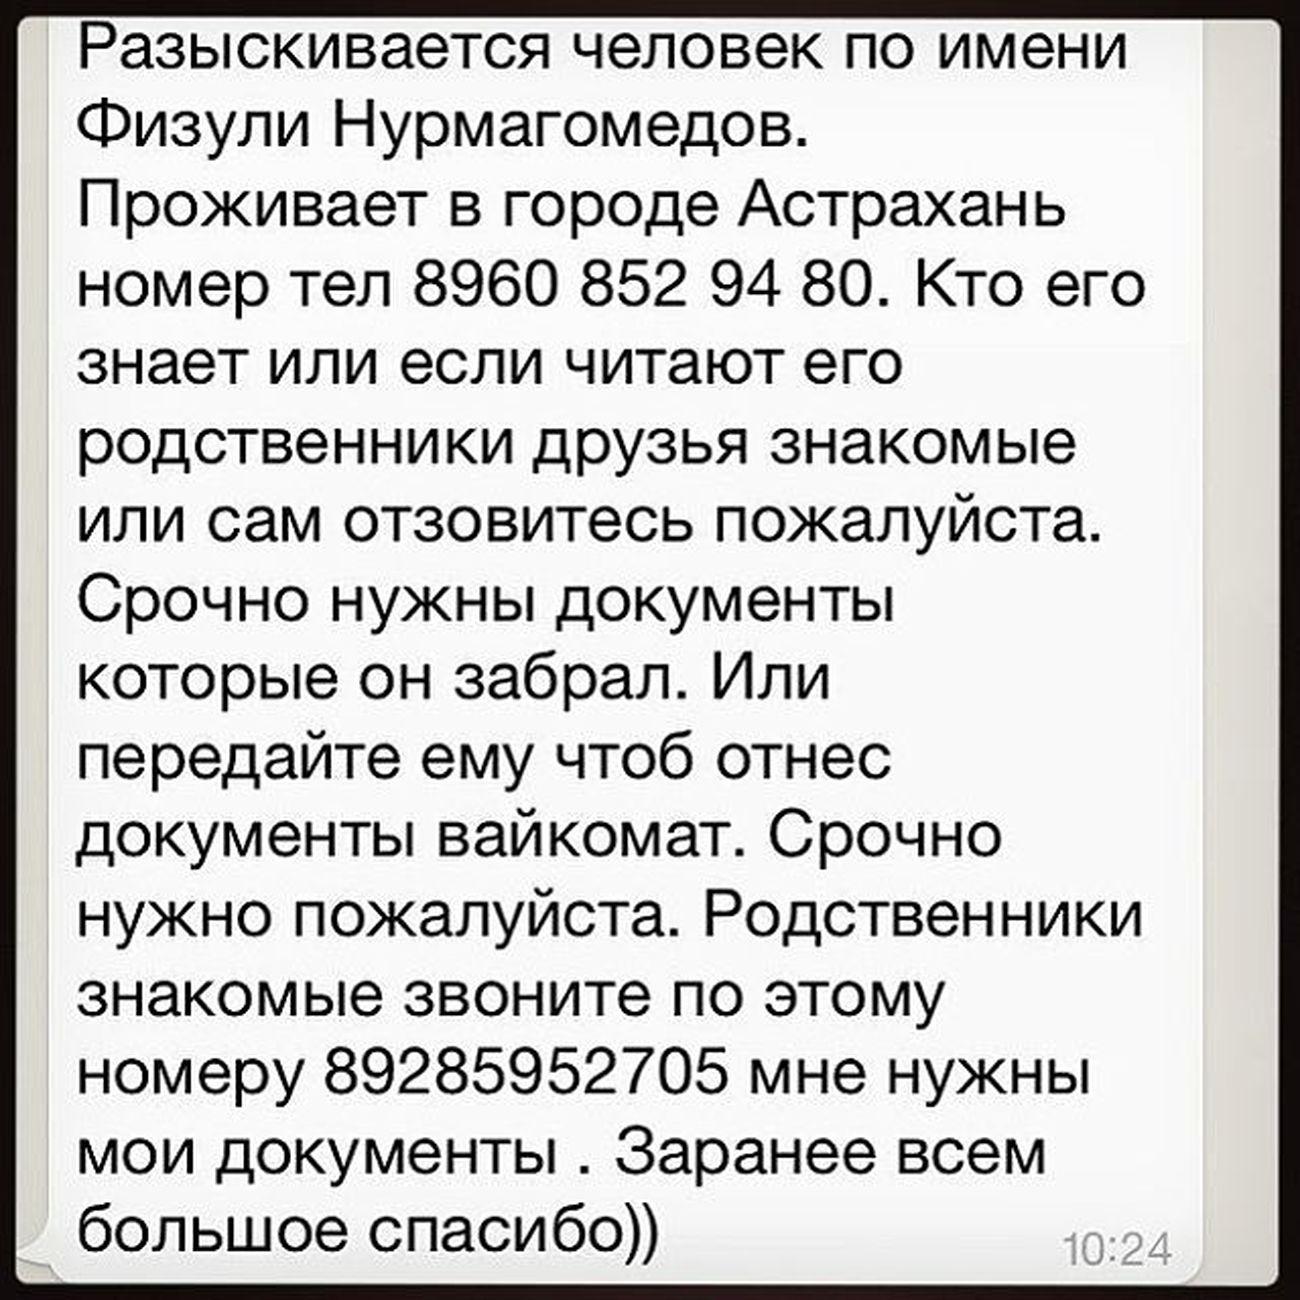 @regrann @tut.dagestan вайкомат-это военкомат))) ПРОПАЛЧЕЛОВЕК МаксимальныйРепост РепостРепостРепост ПомогиНайти ПомогитеНайти Regrann